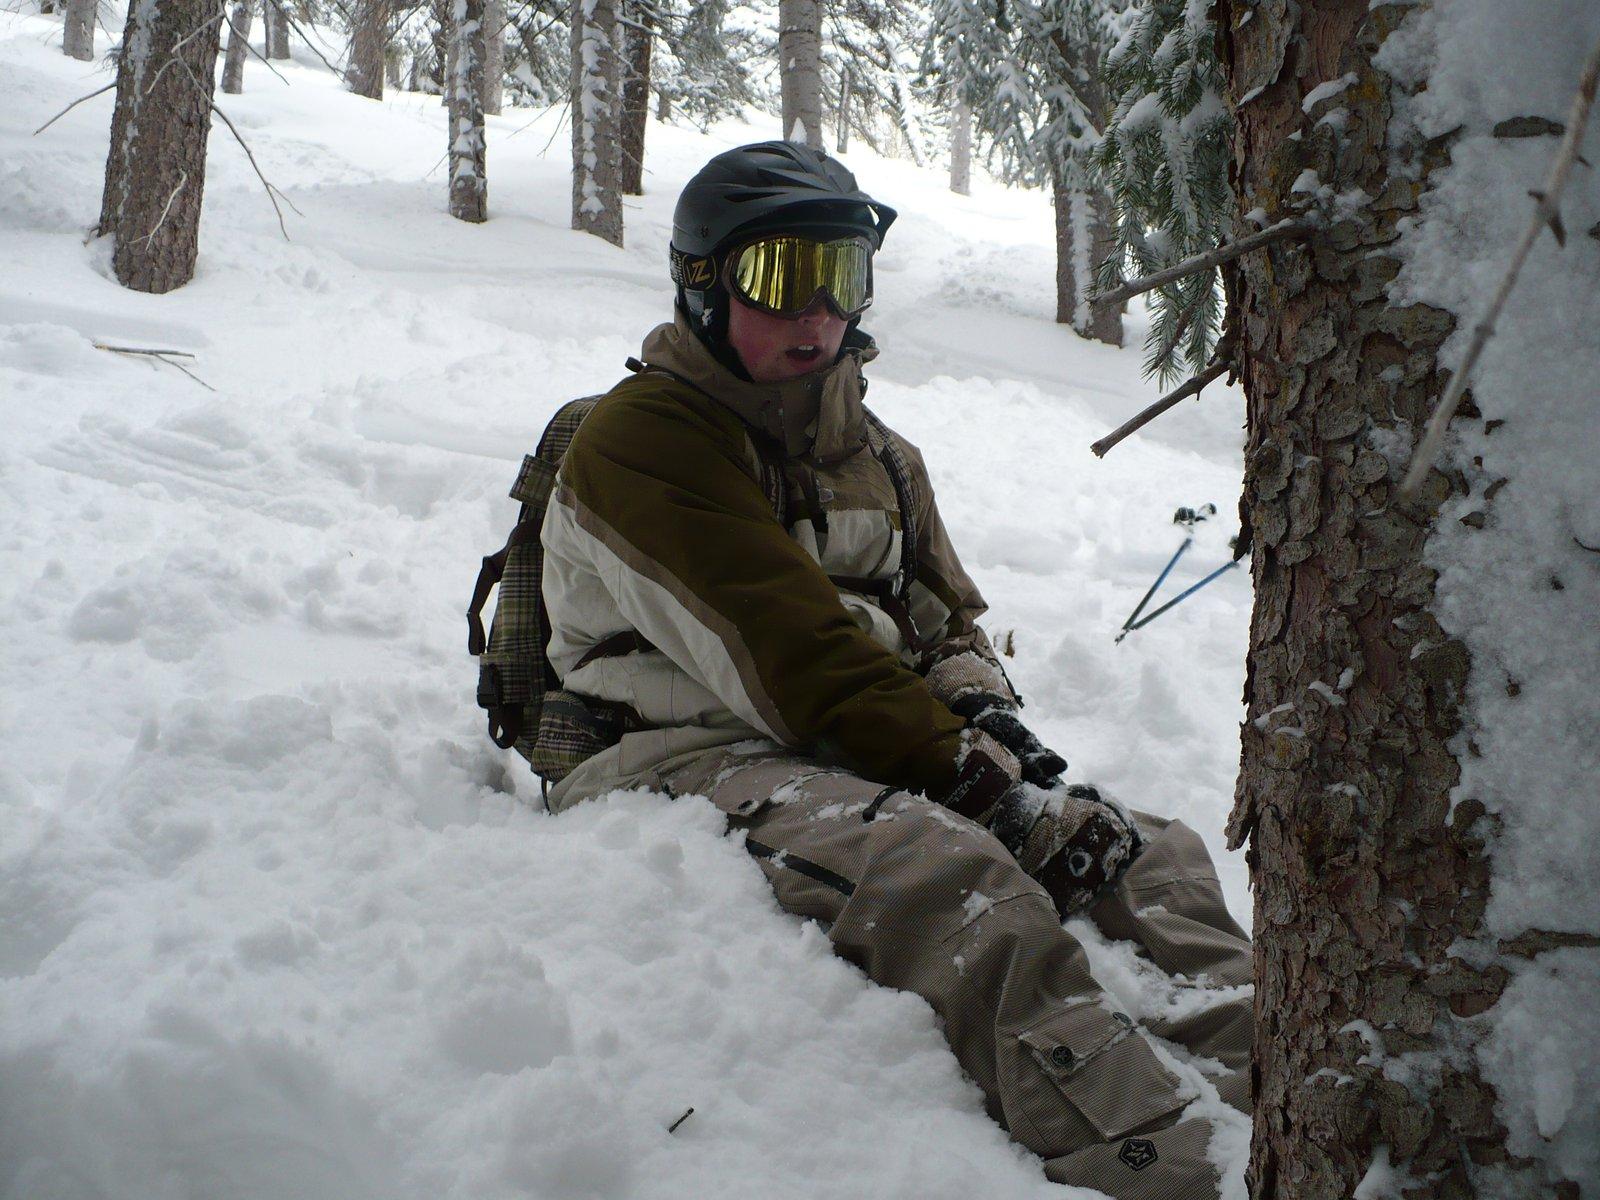 Deep snow at Vail